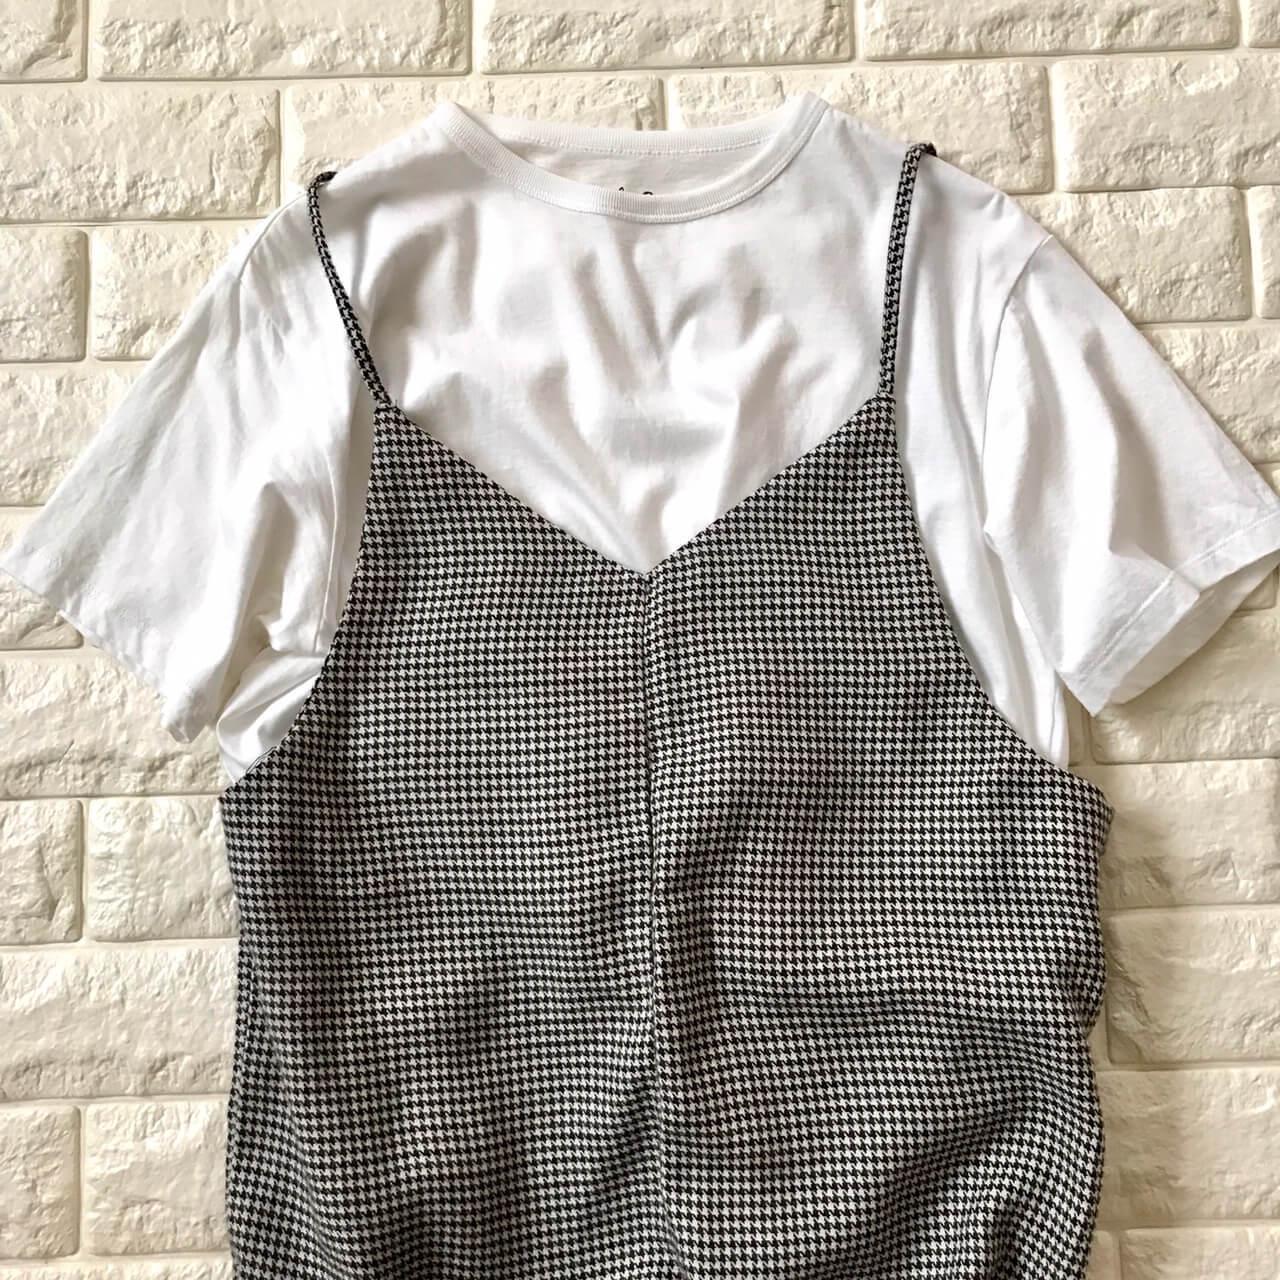 アメリカンホリックサロペットとTシャツ